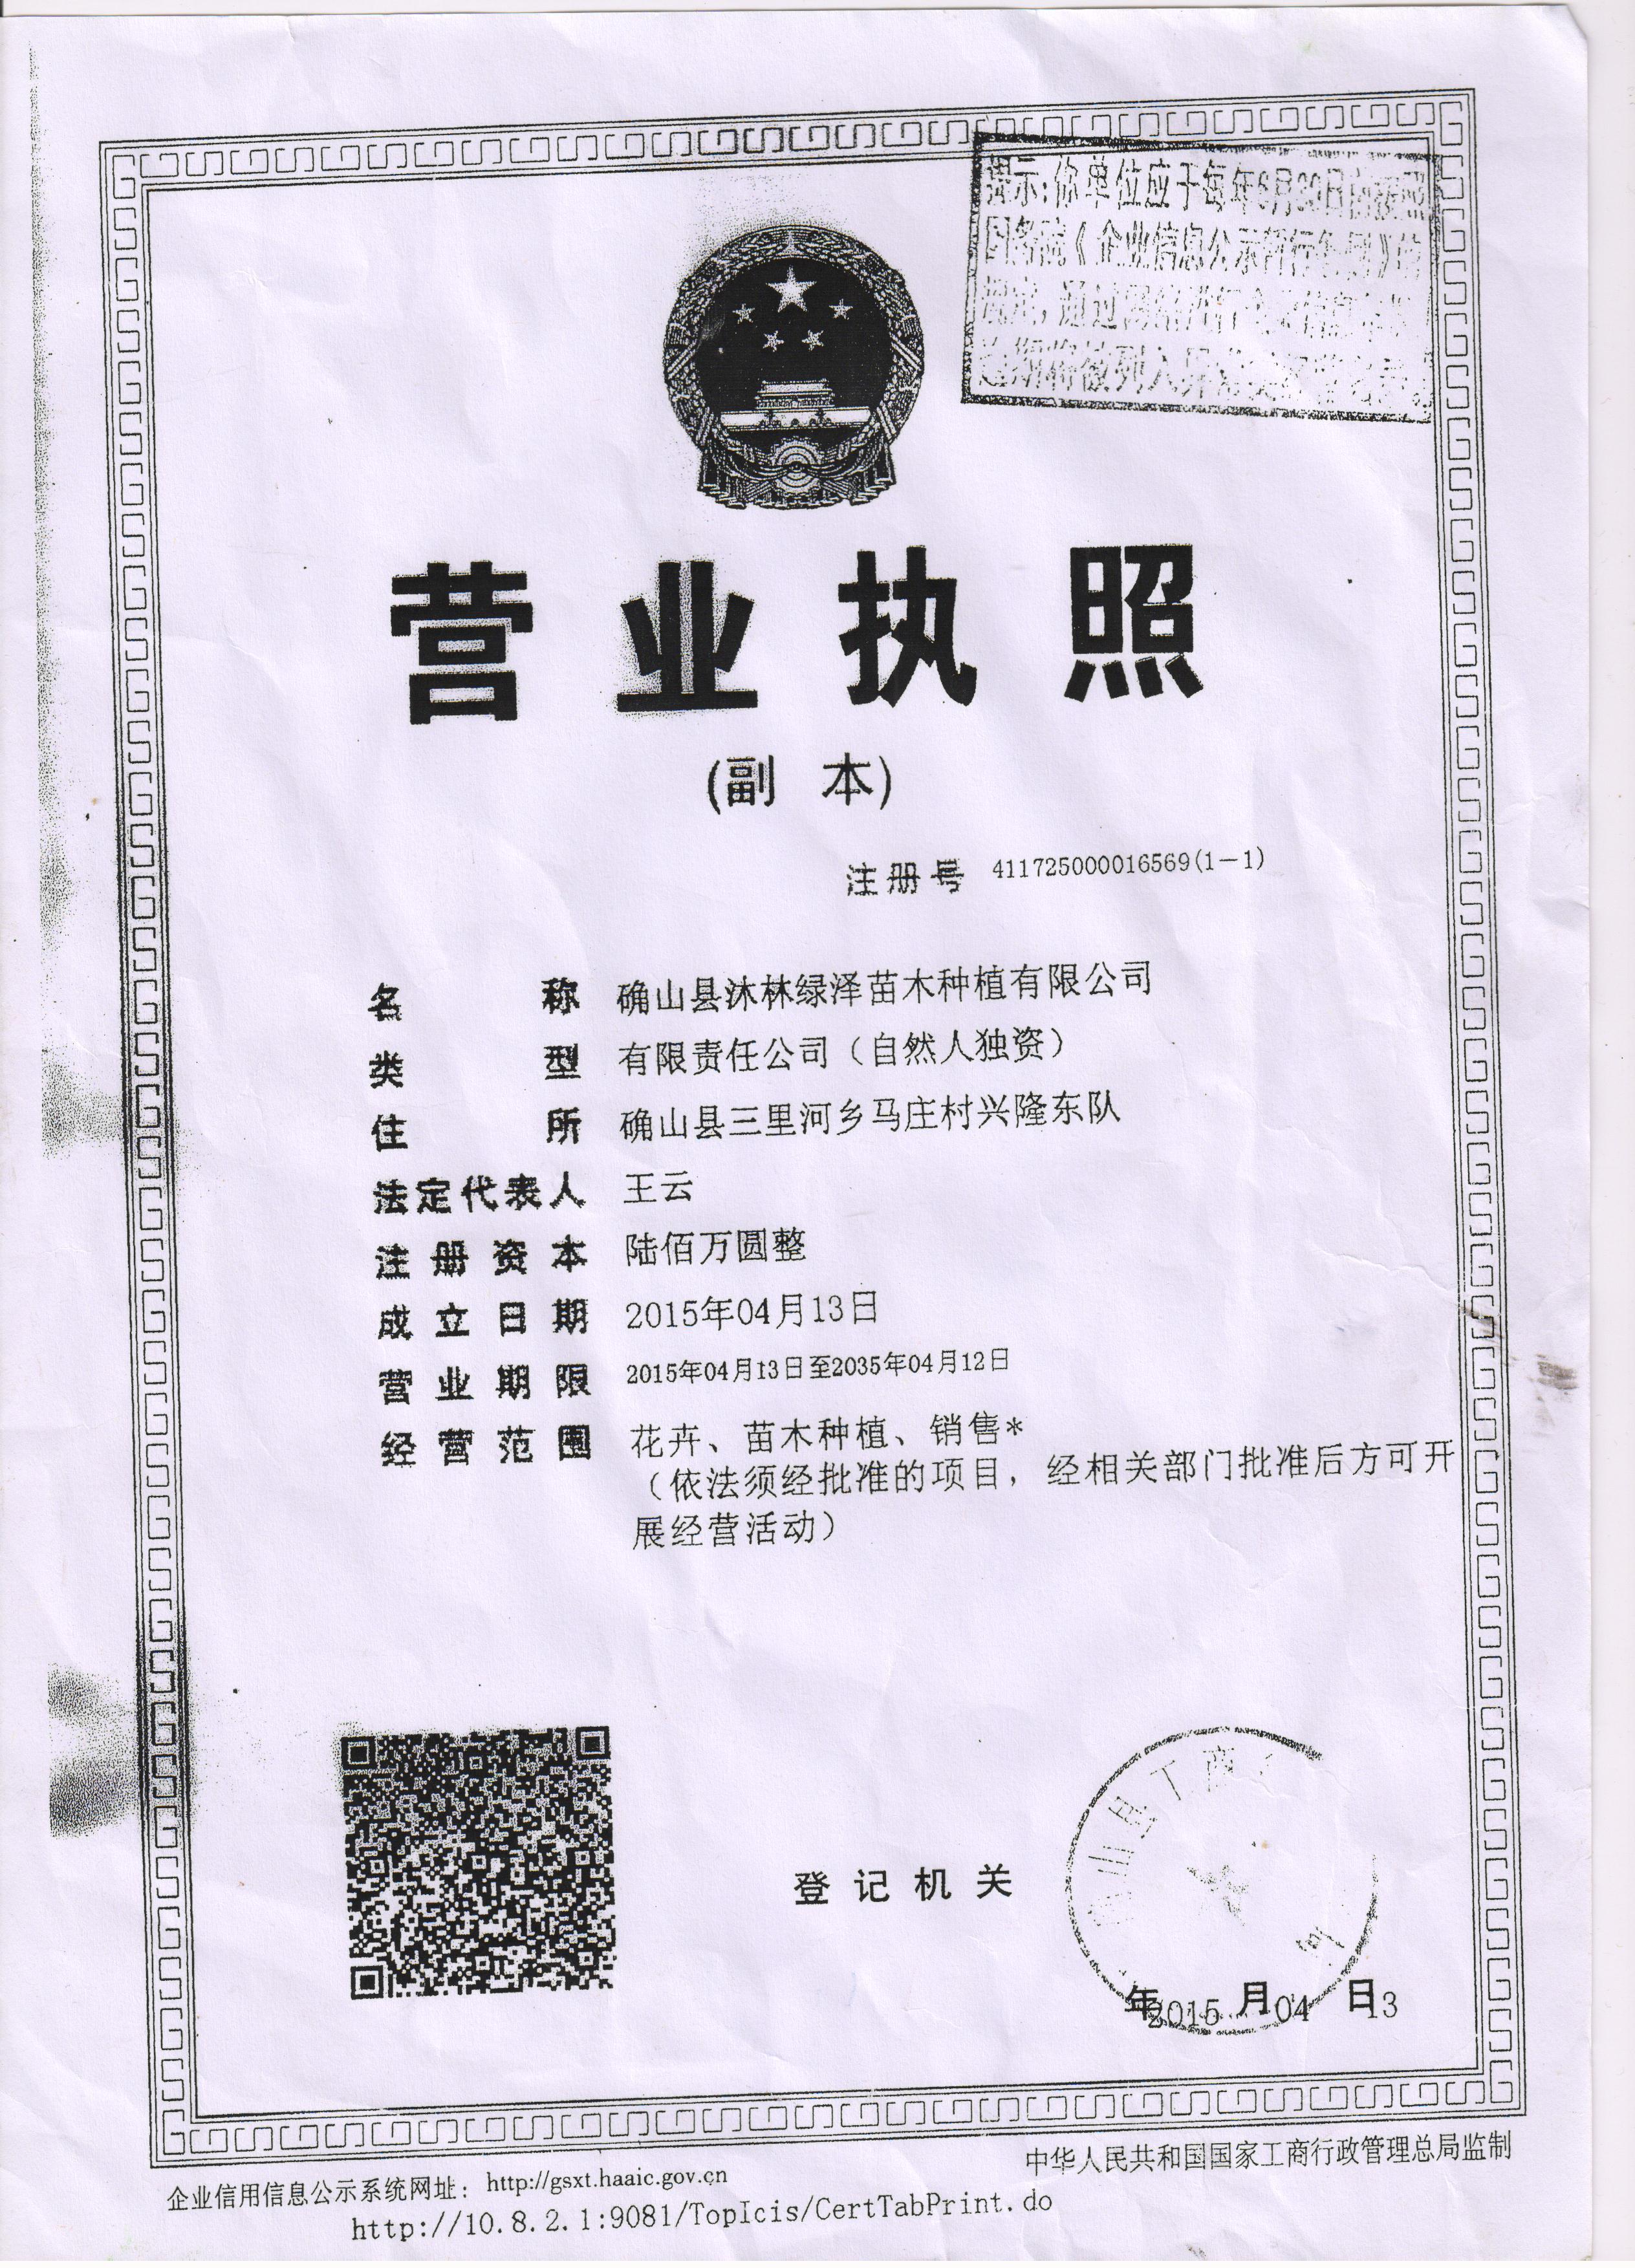 确山县沐林绿泽苗木种植有限公司